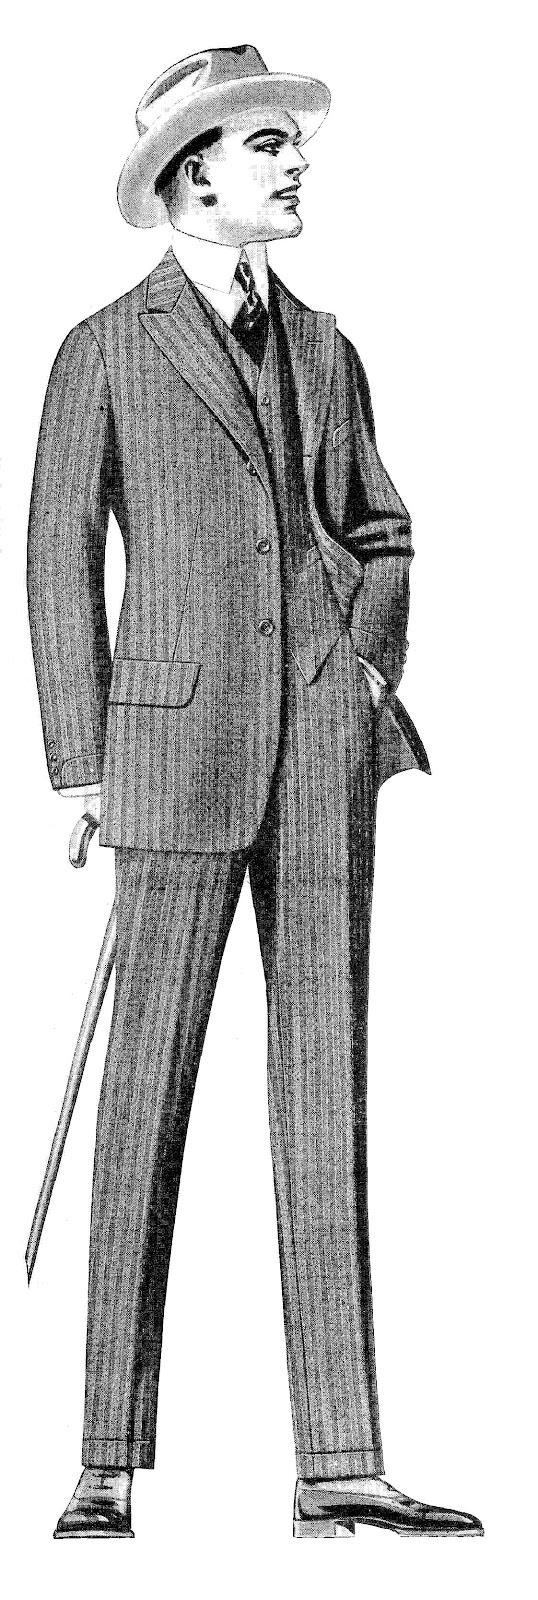 Antique Images: Vintage Men's Fashion Clip Art: 2 Vintage ...